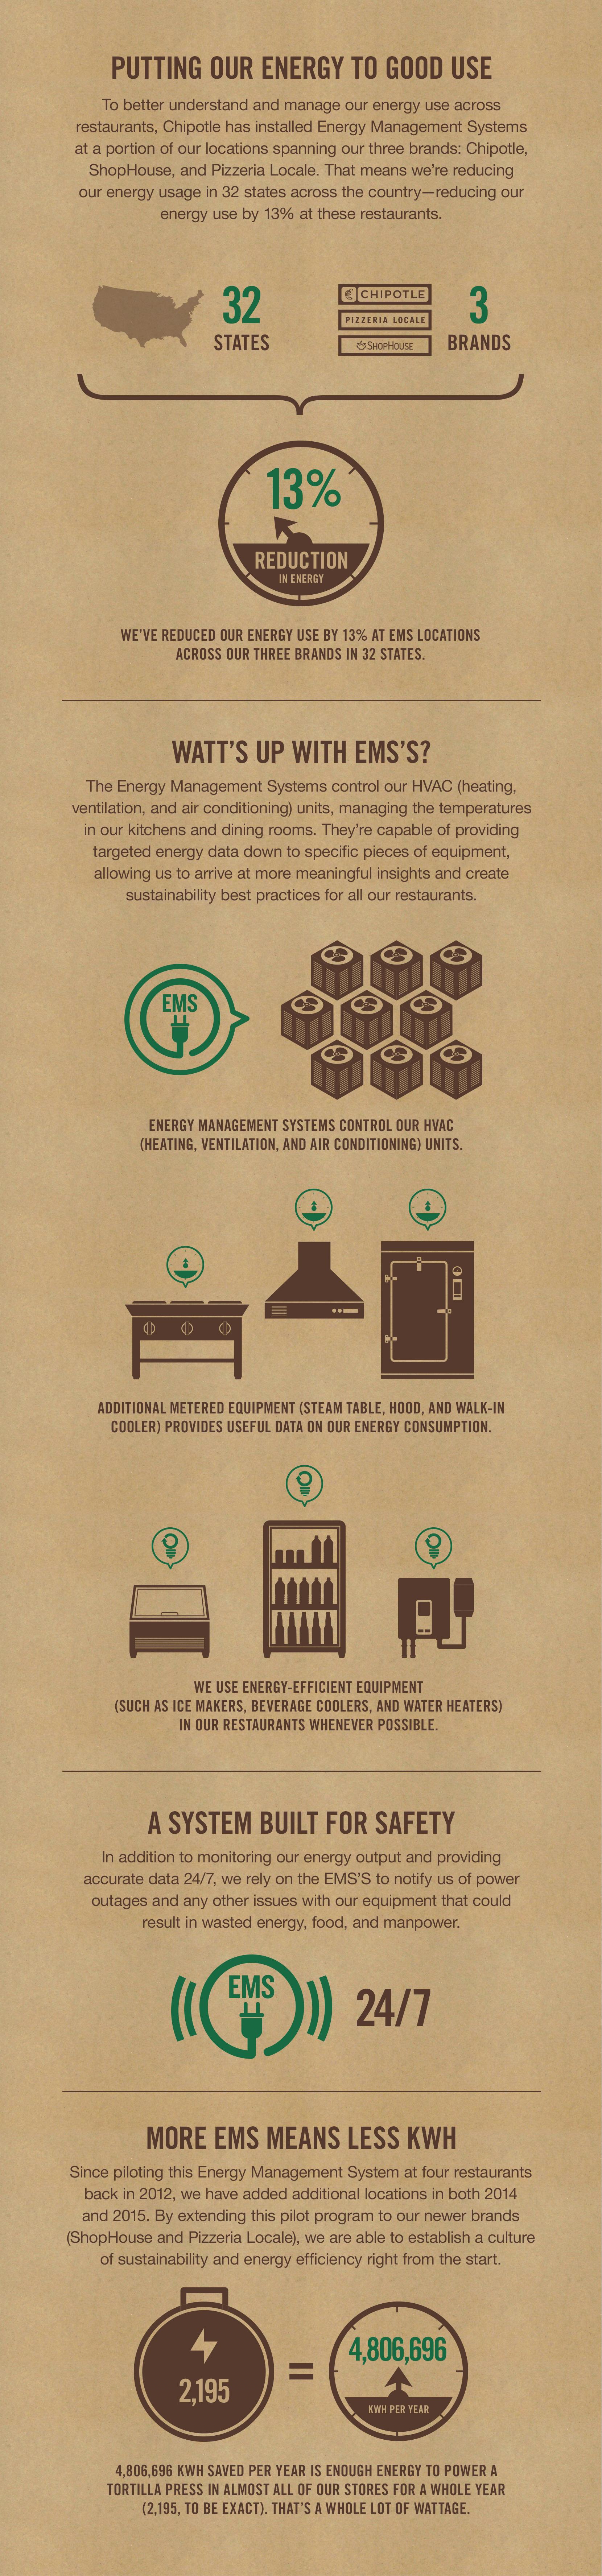 Chipotle Energy Sustainability